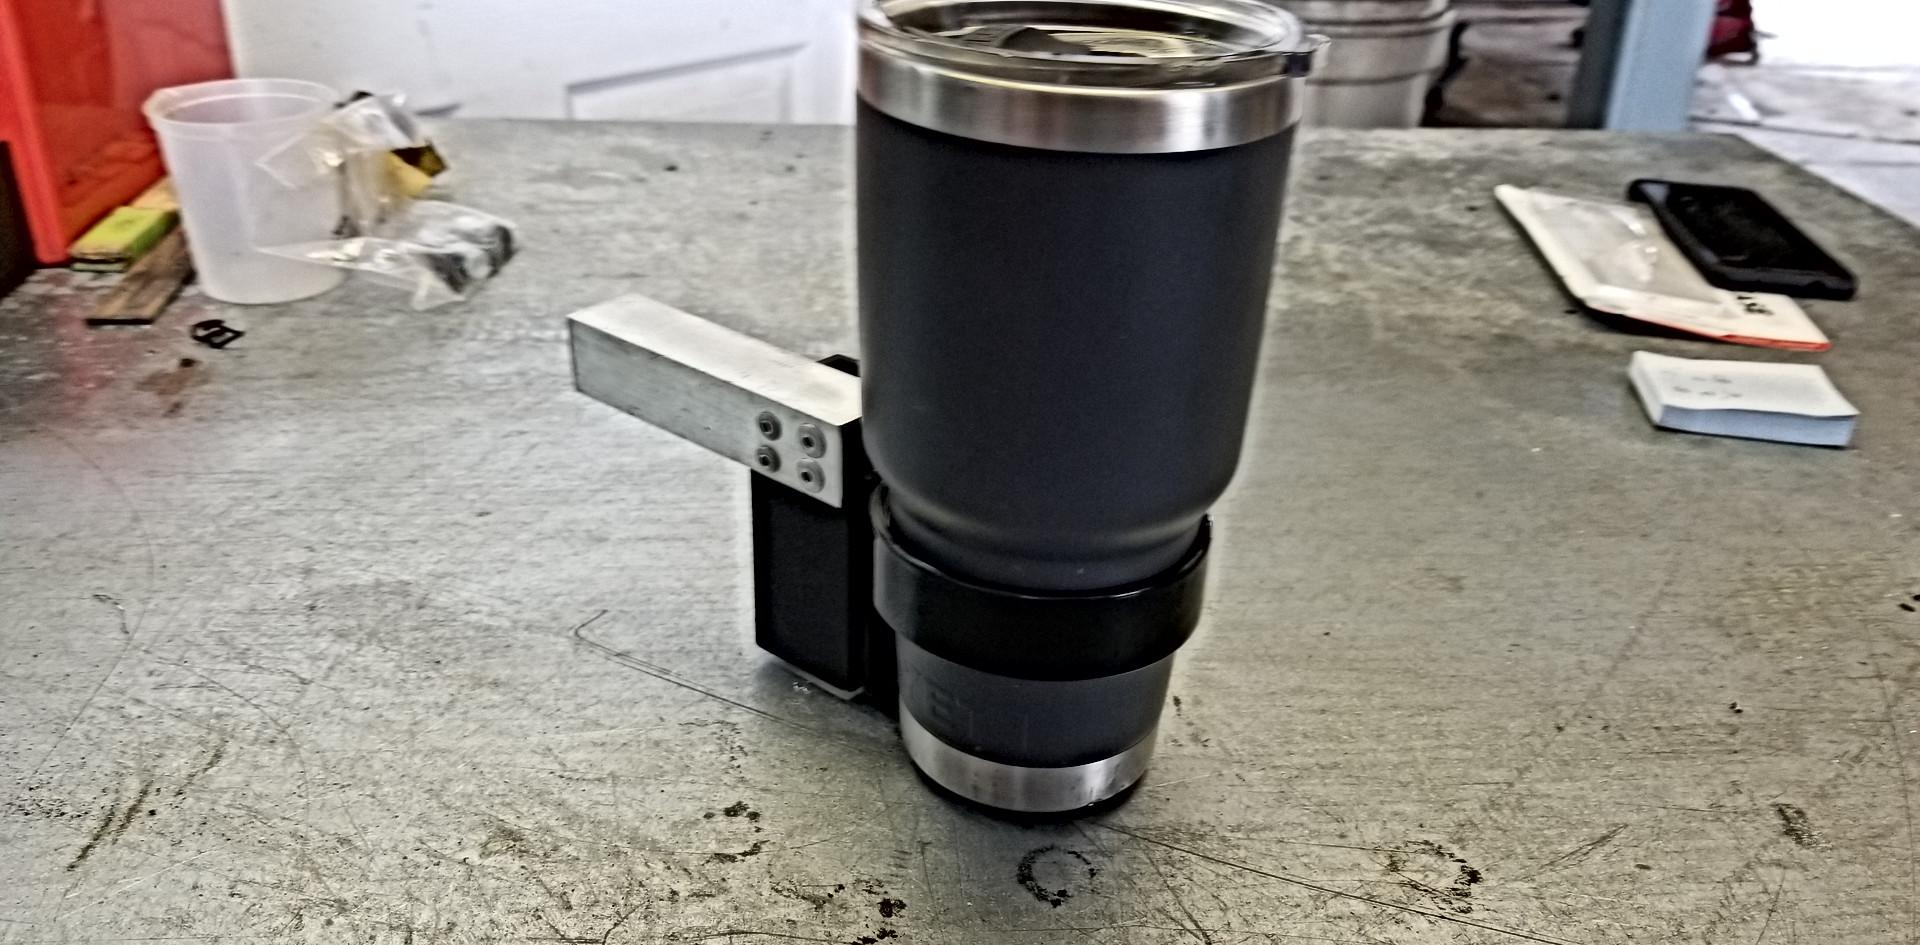 Prototype with Large Mug